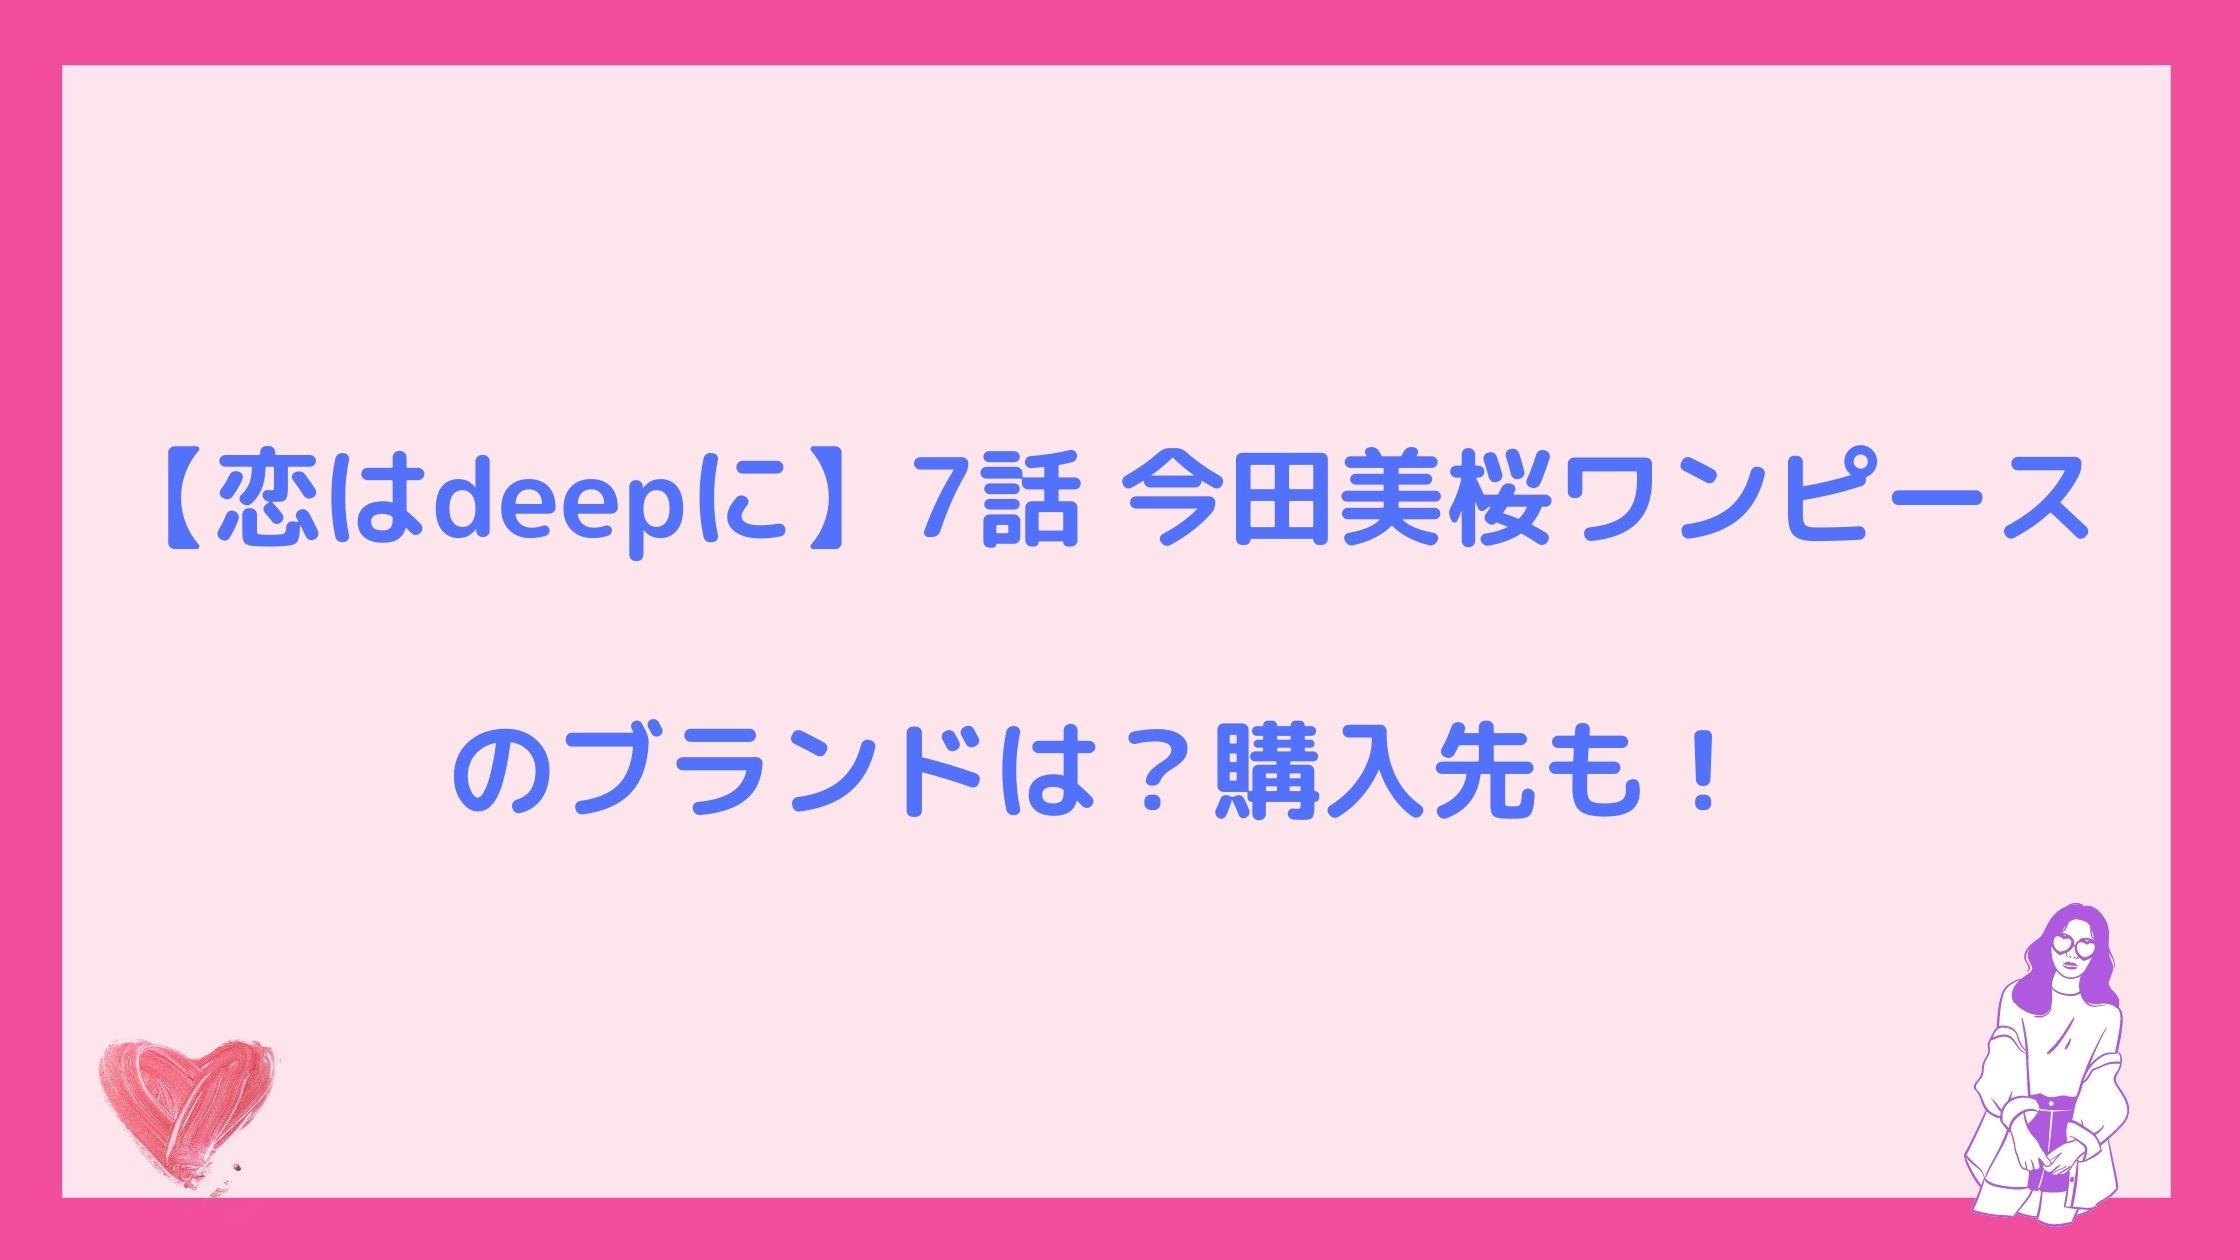 恋はdeepに7話今田美桜ワンピースのブランドは?購入先も!.jpg